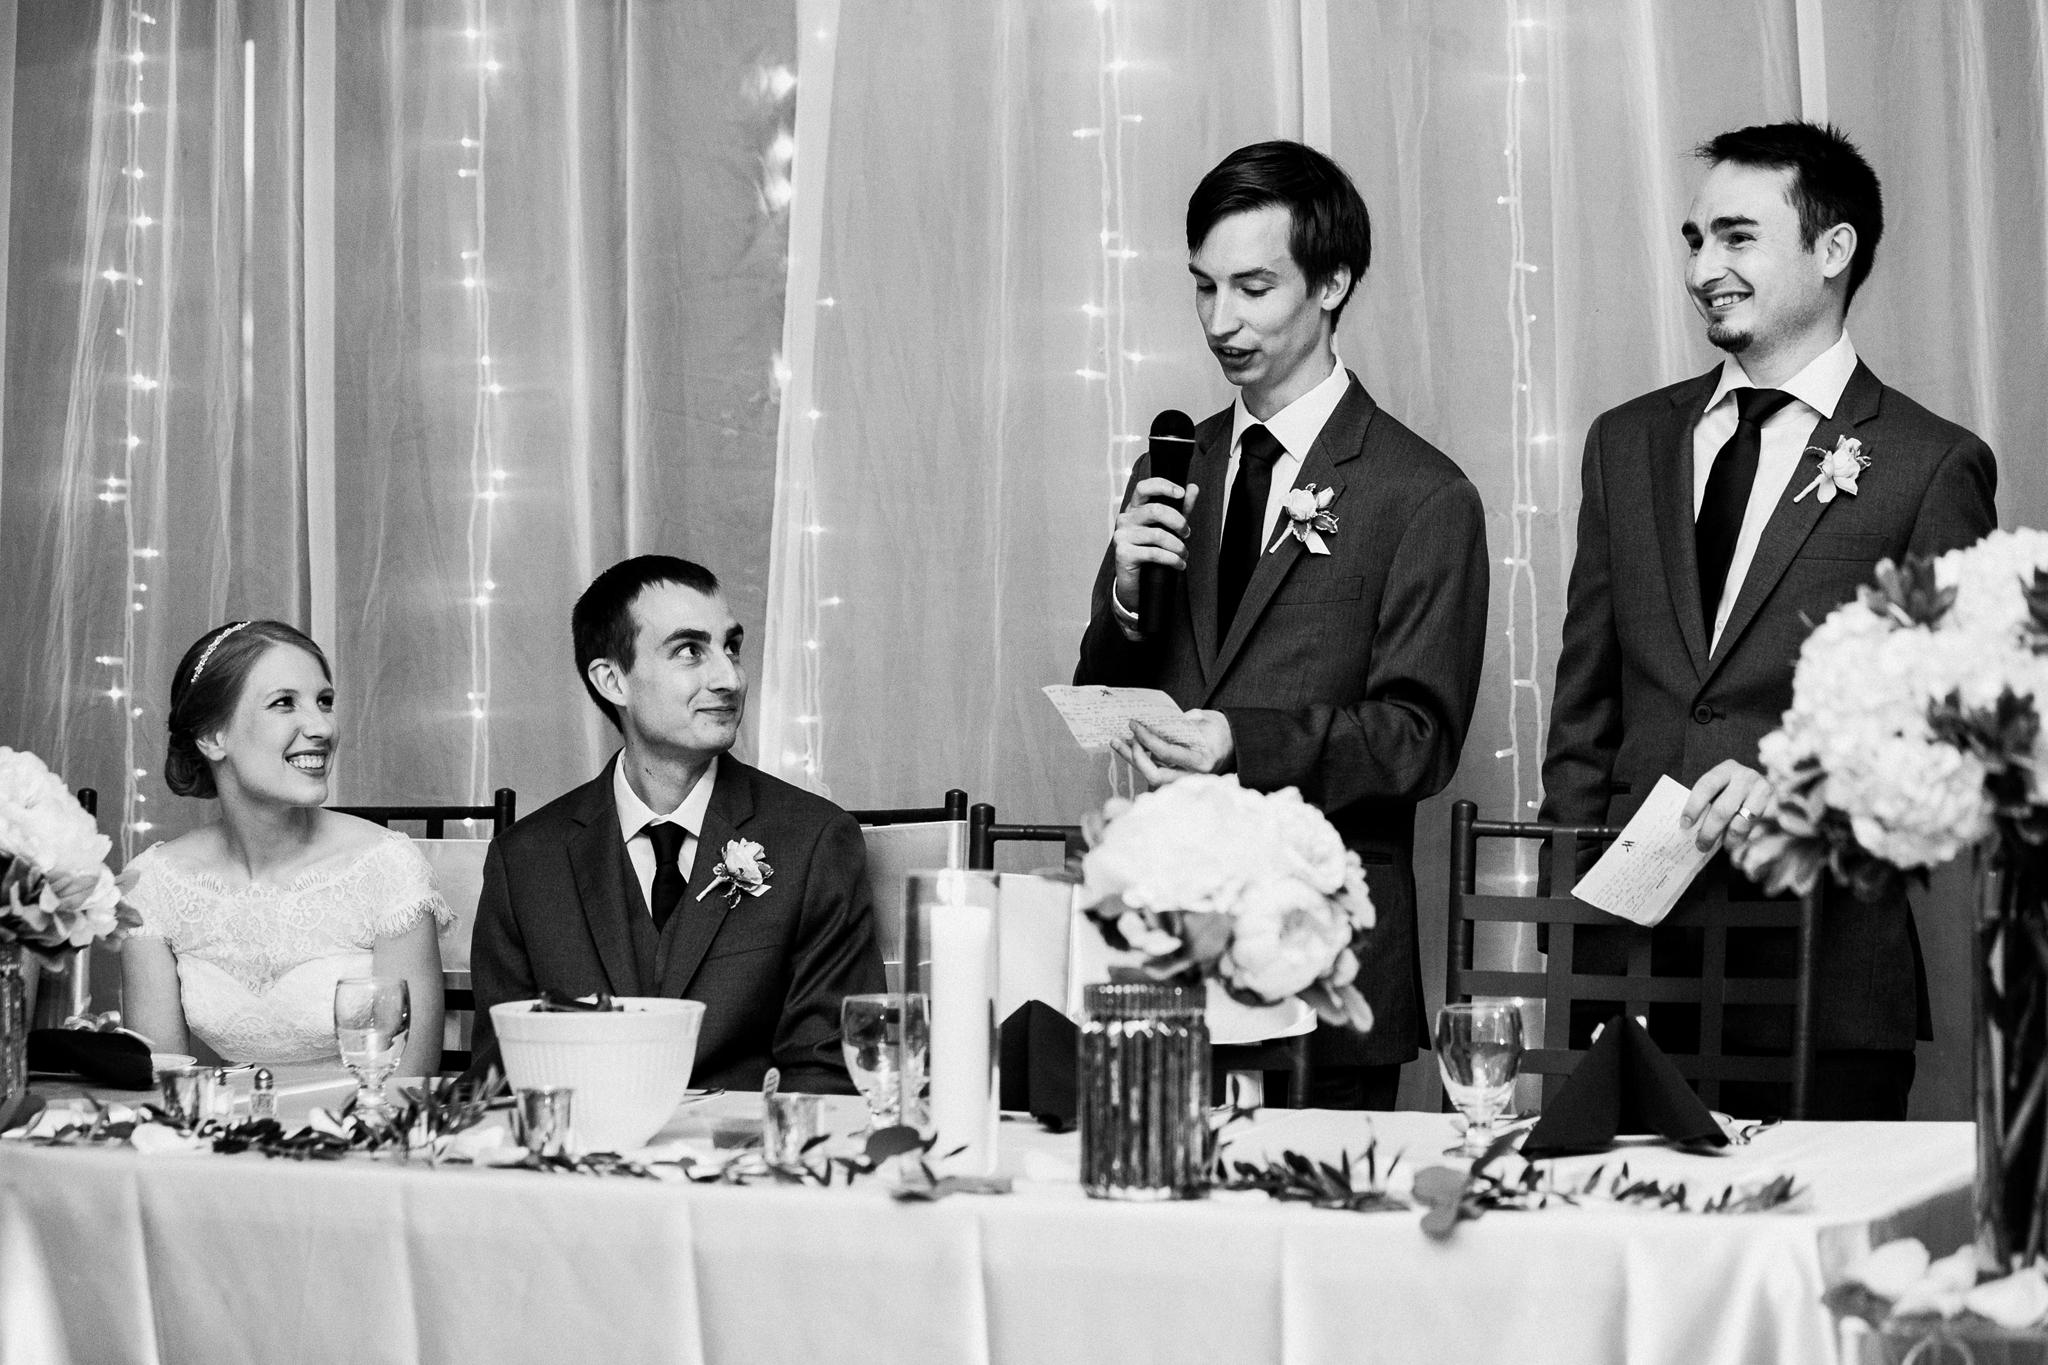 noahs_event_venue_naperville_IL_wedding_photographer_0061.jpg